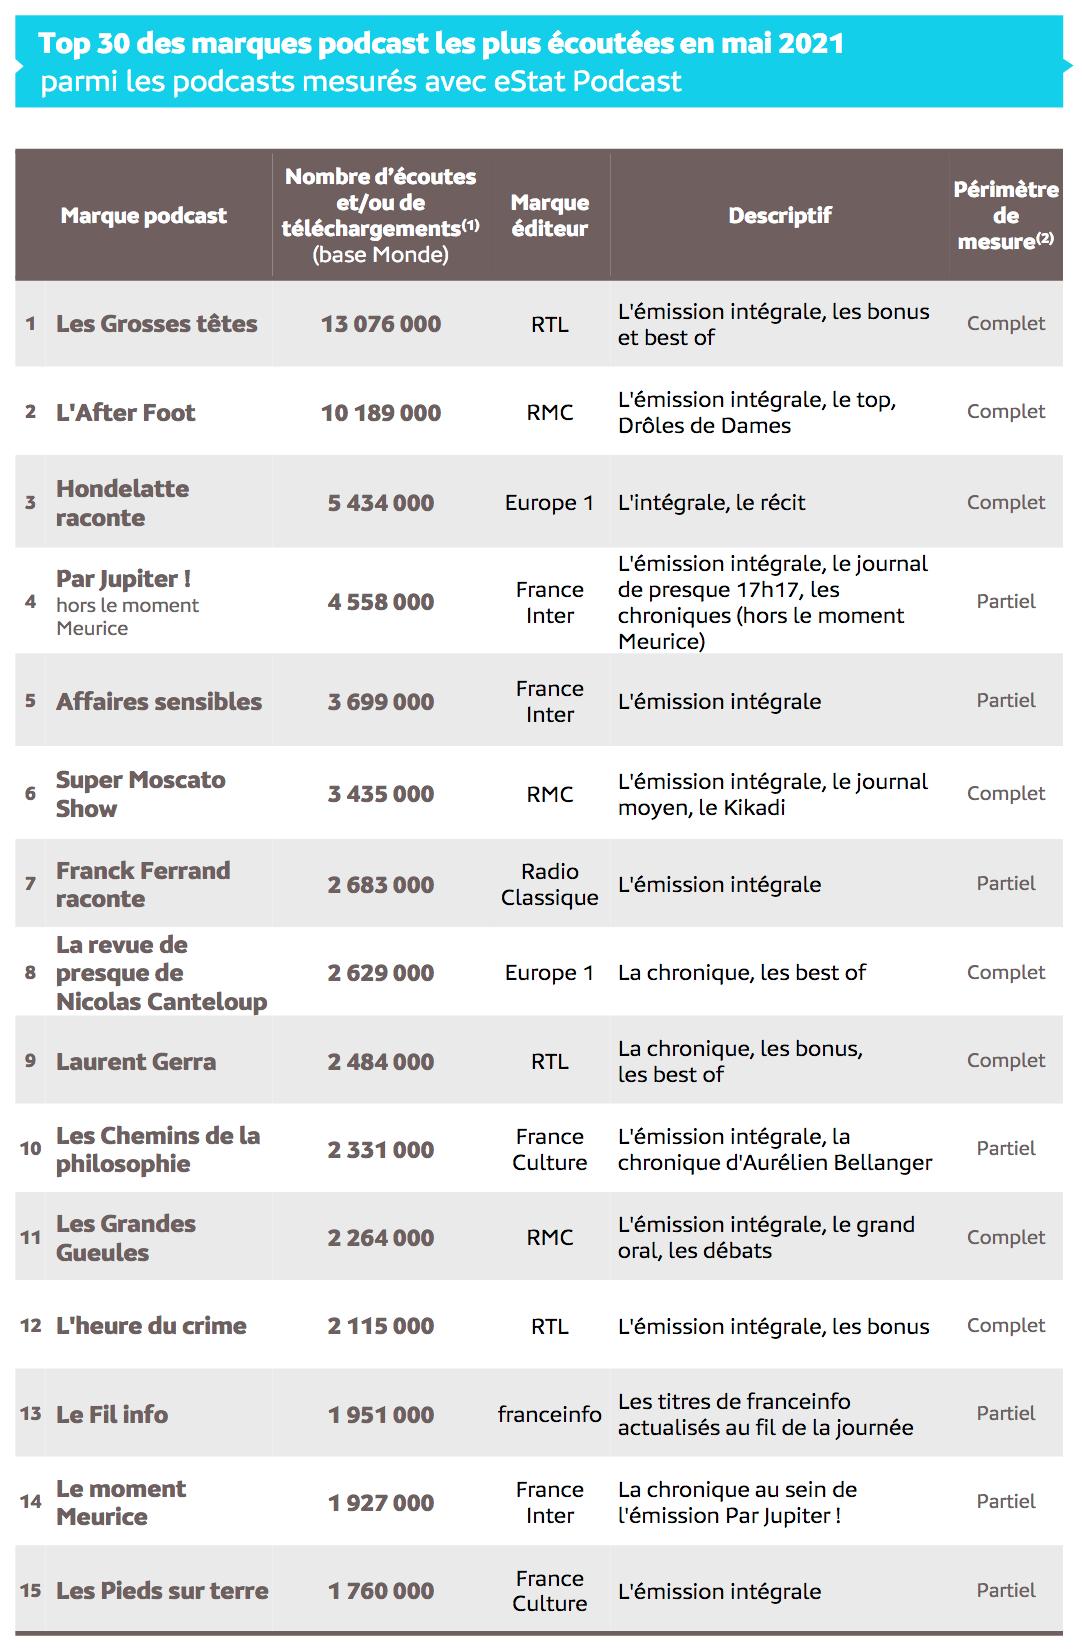 Source : Médiamétrie –eStat Podcast –Mai 2021  -Copyright Médiamétrie -Tous droits réservés